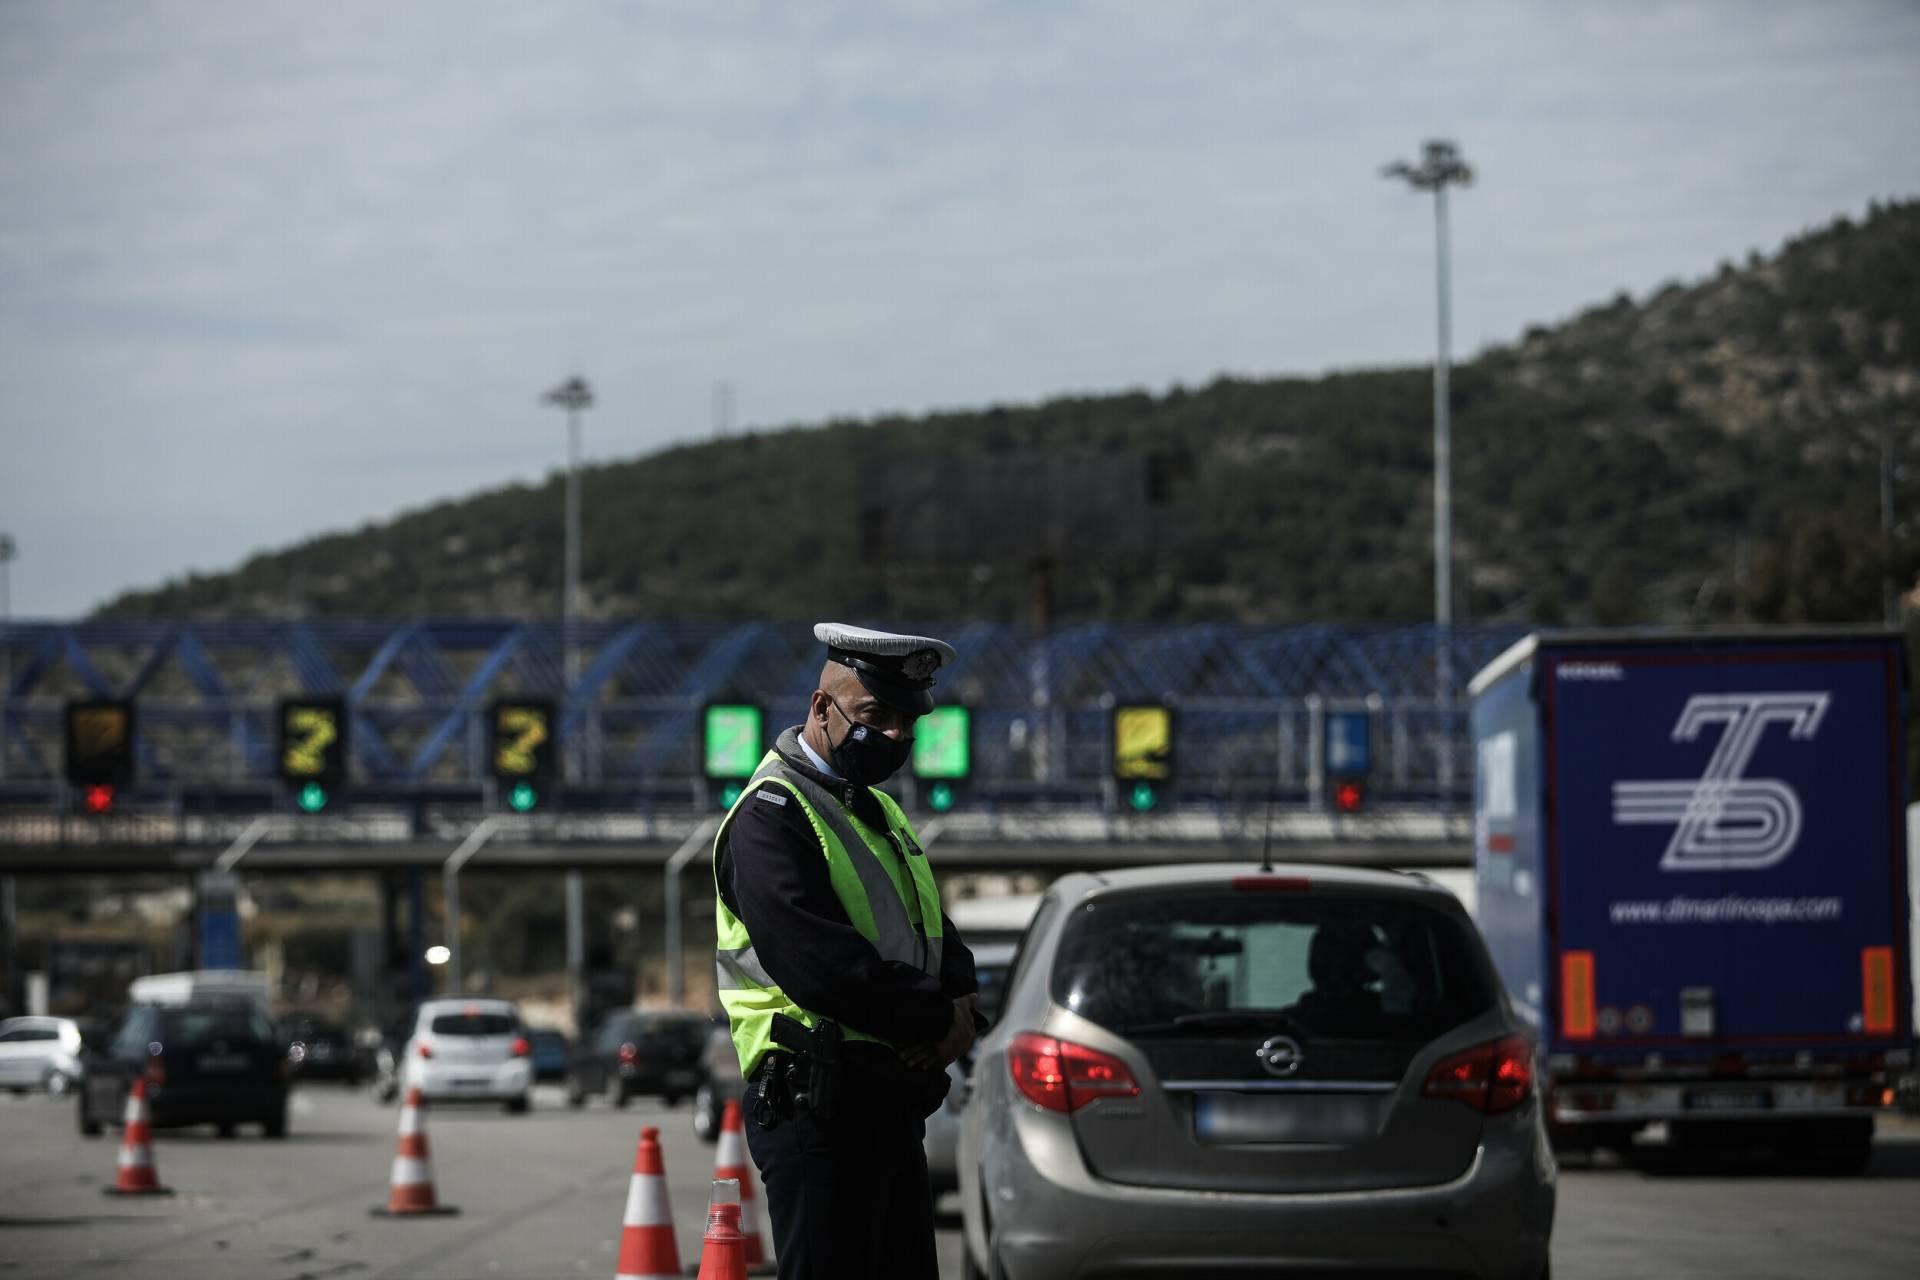 Ποιες μετακινήσεις εκτός νομού απαγορεύονται τη Μεγάλη Εβδομάδα- Τσουχτερά πρόστιμα